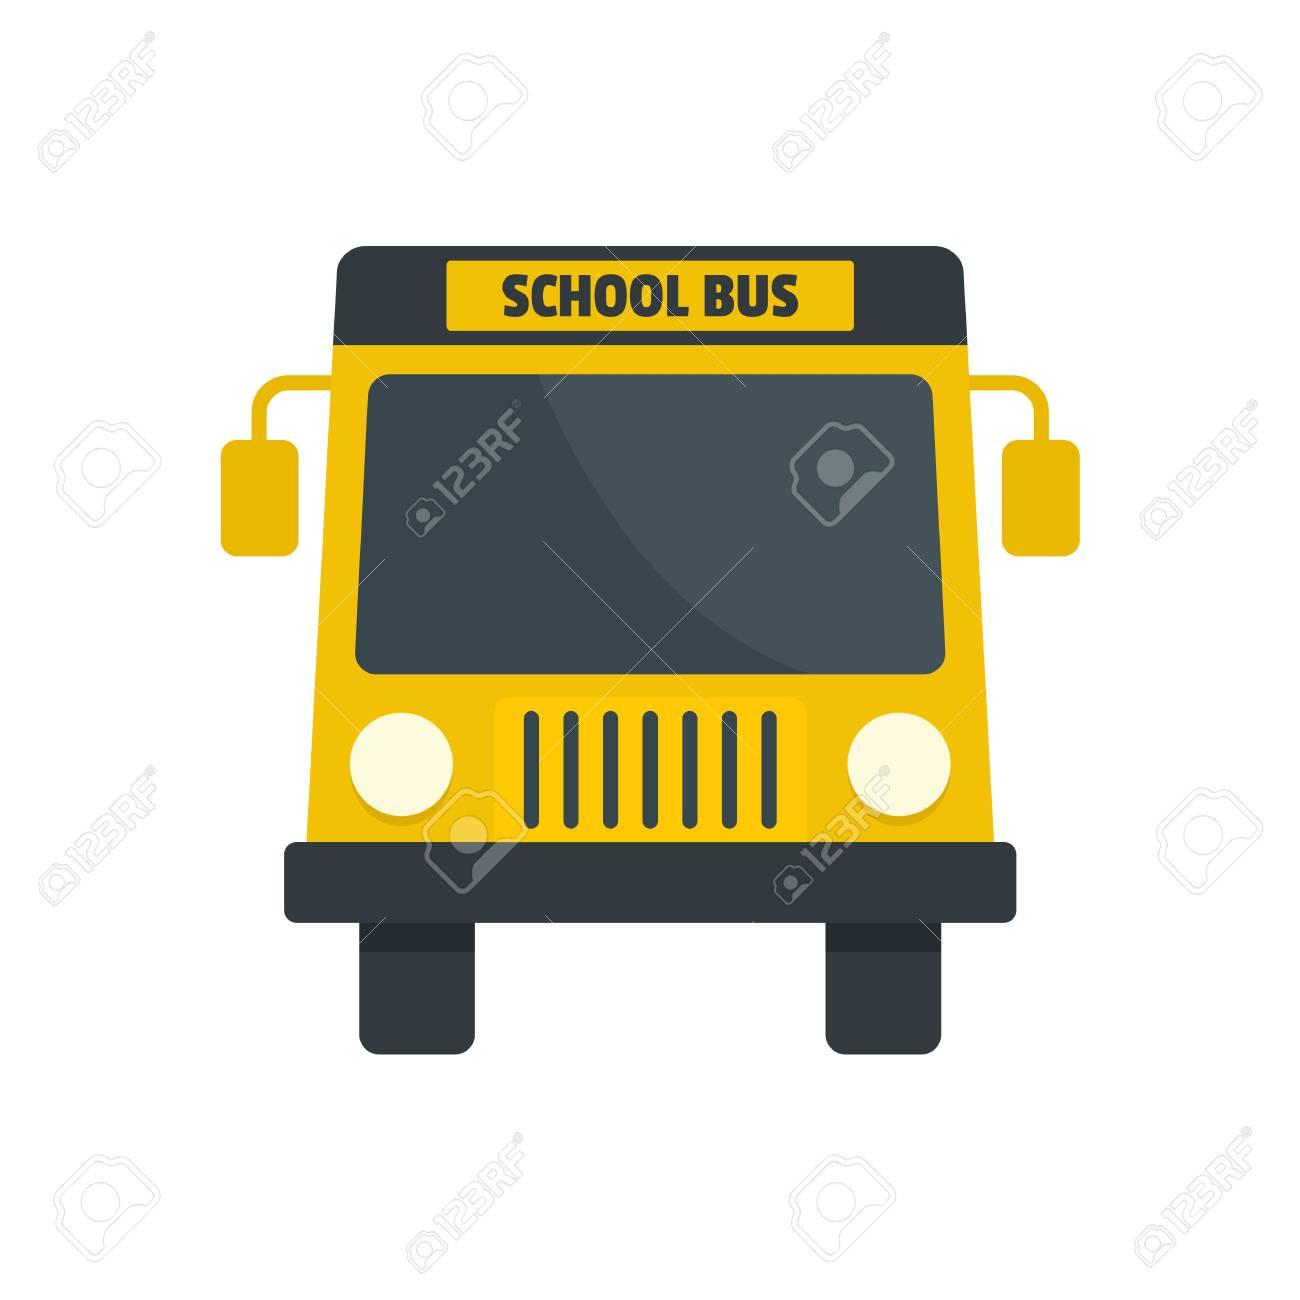 yellow school mini bus icon flat style foto royalty free gravuras